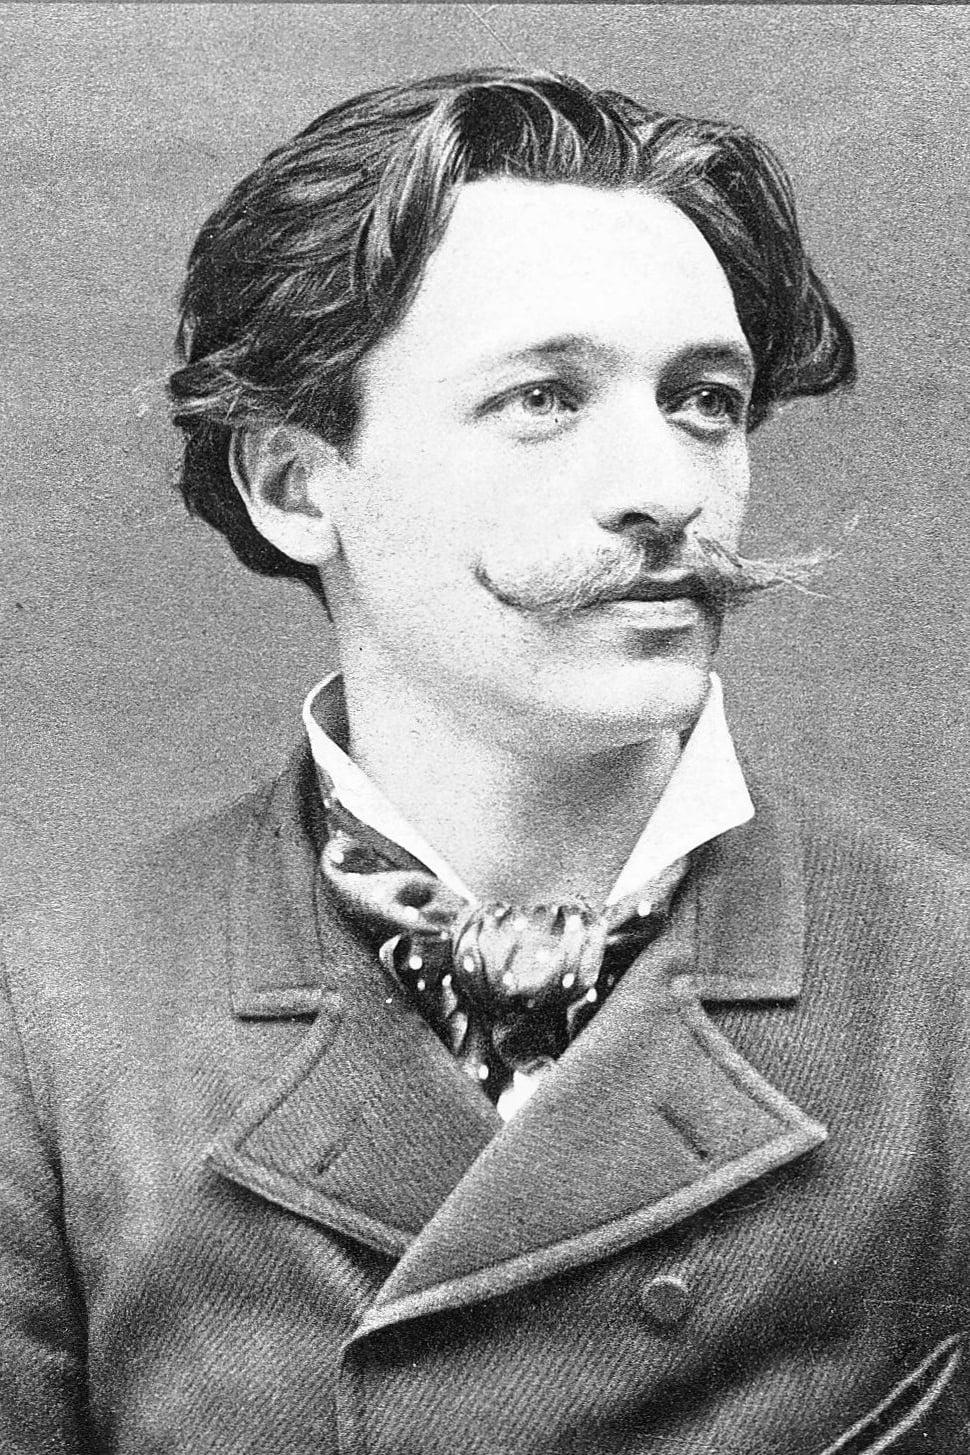 Émile Cohl